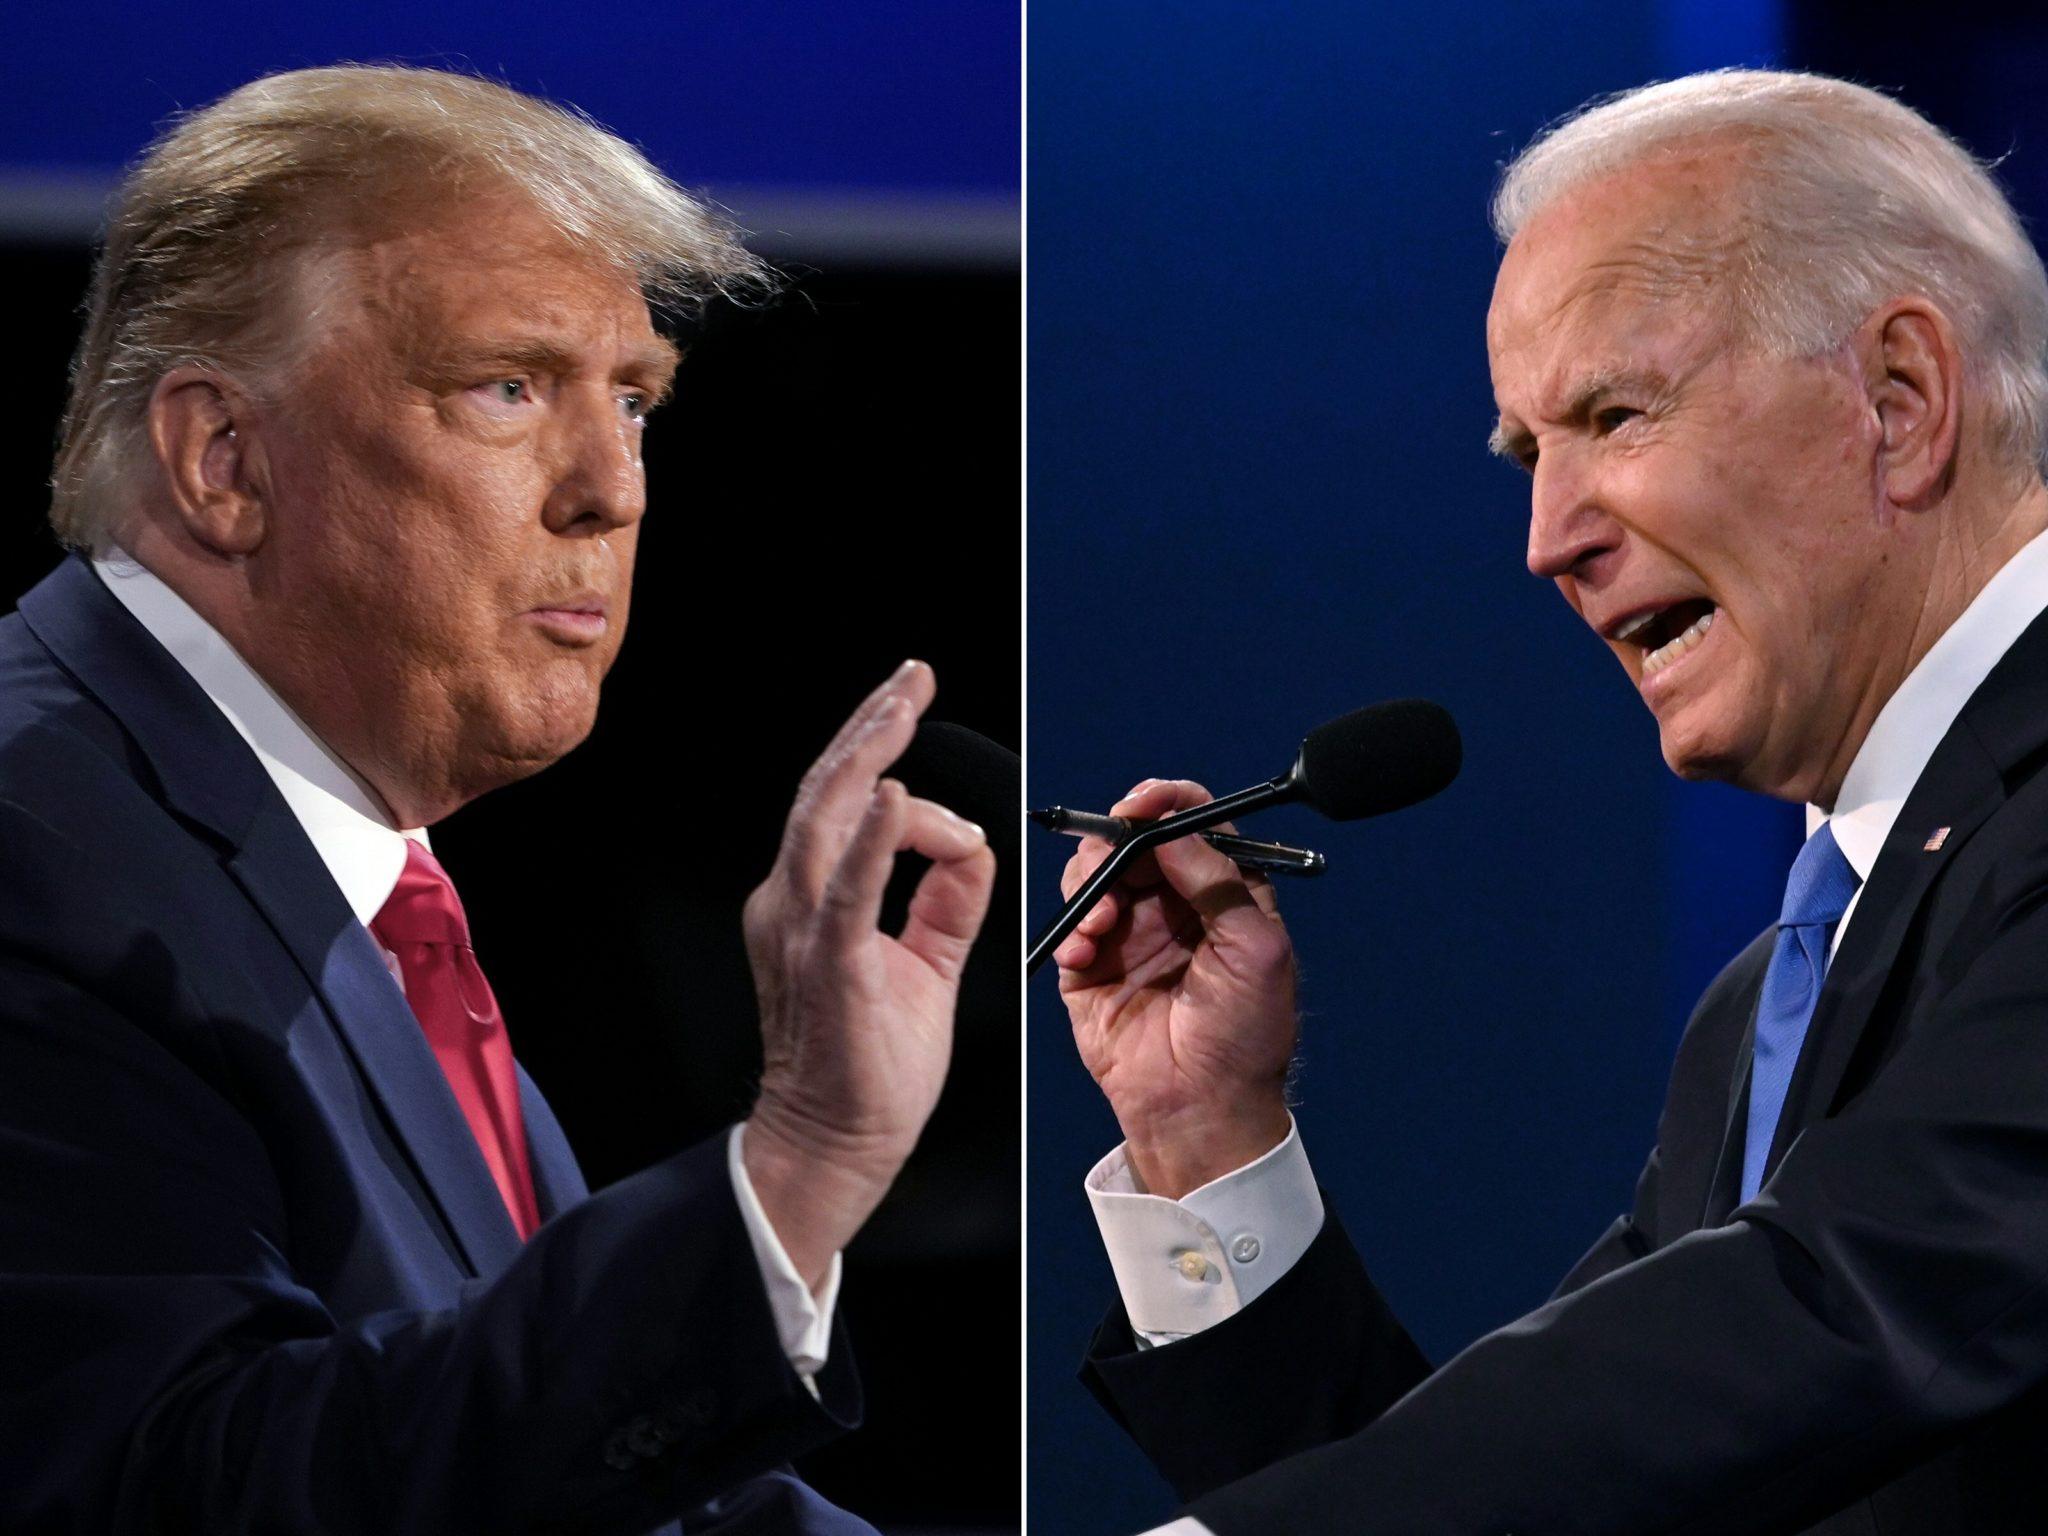 Candidats aux élections président américain Donald Trump et ancien vice-président américain Joe Biden